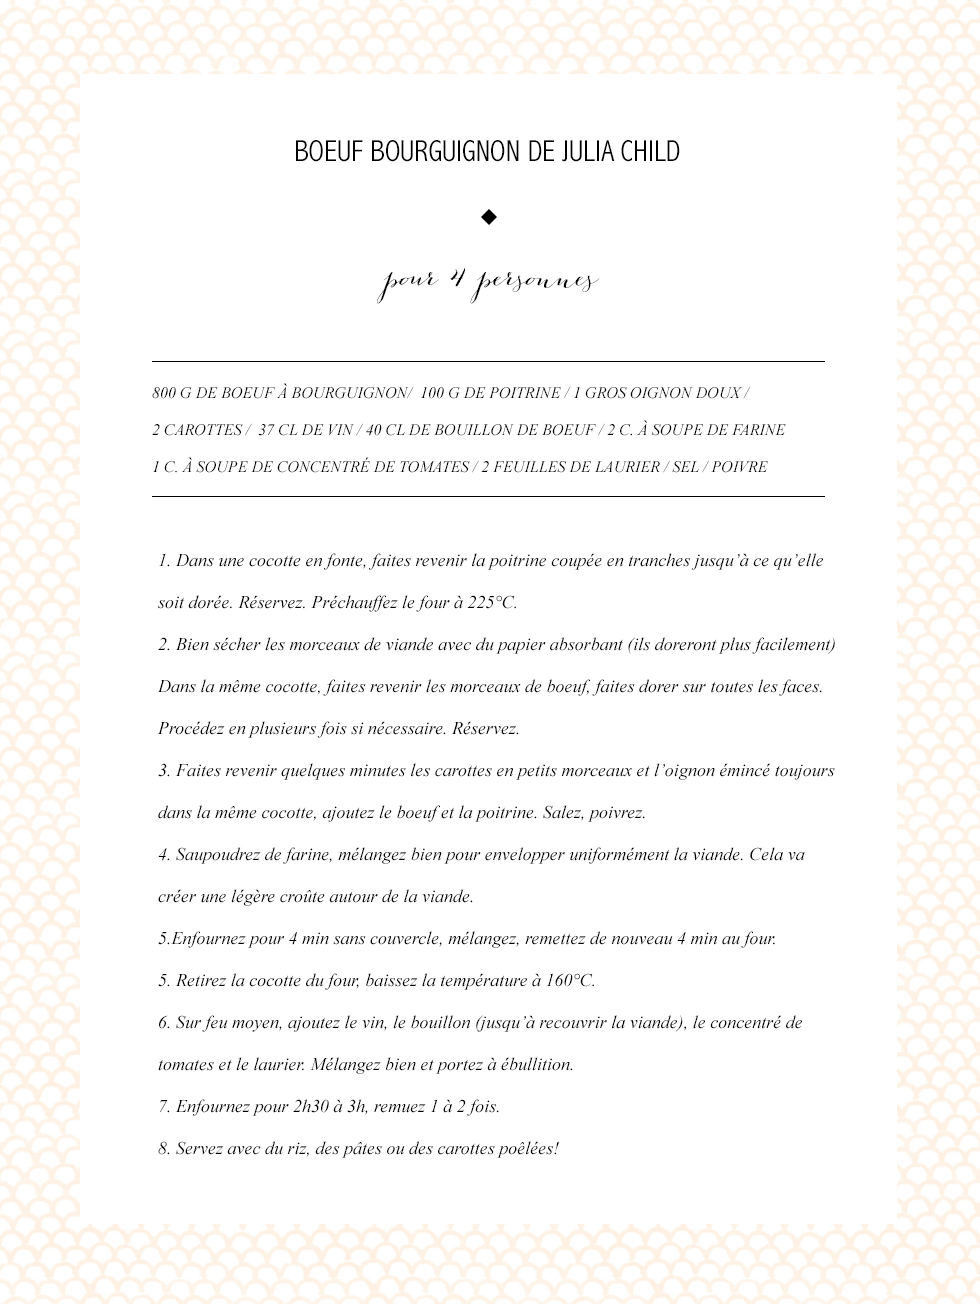 Boeuf Bourguignon de Julia Child